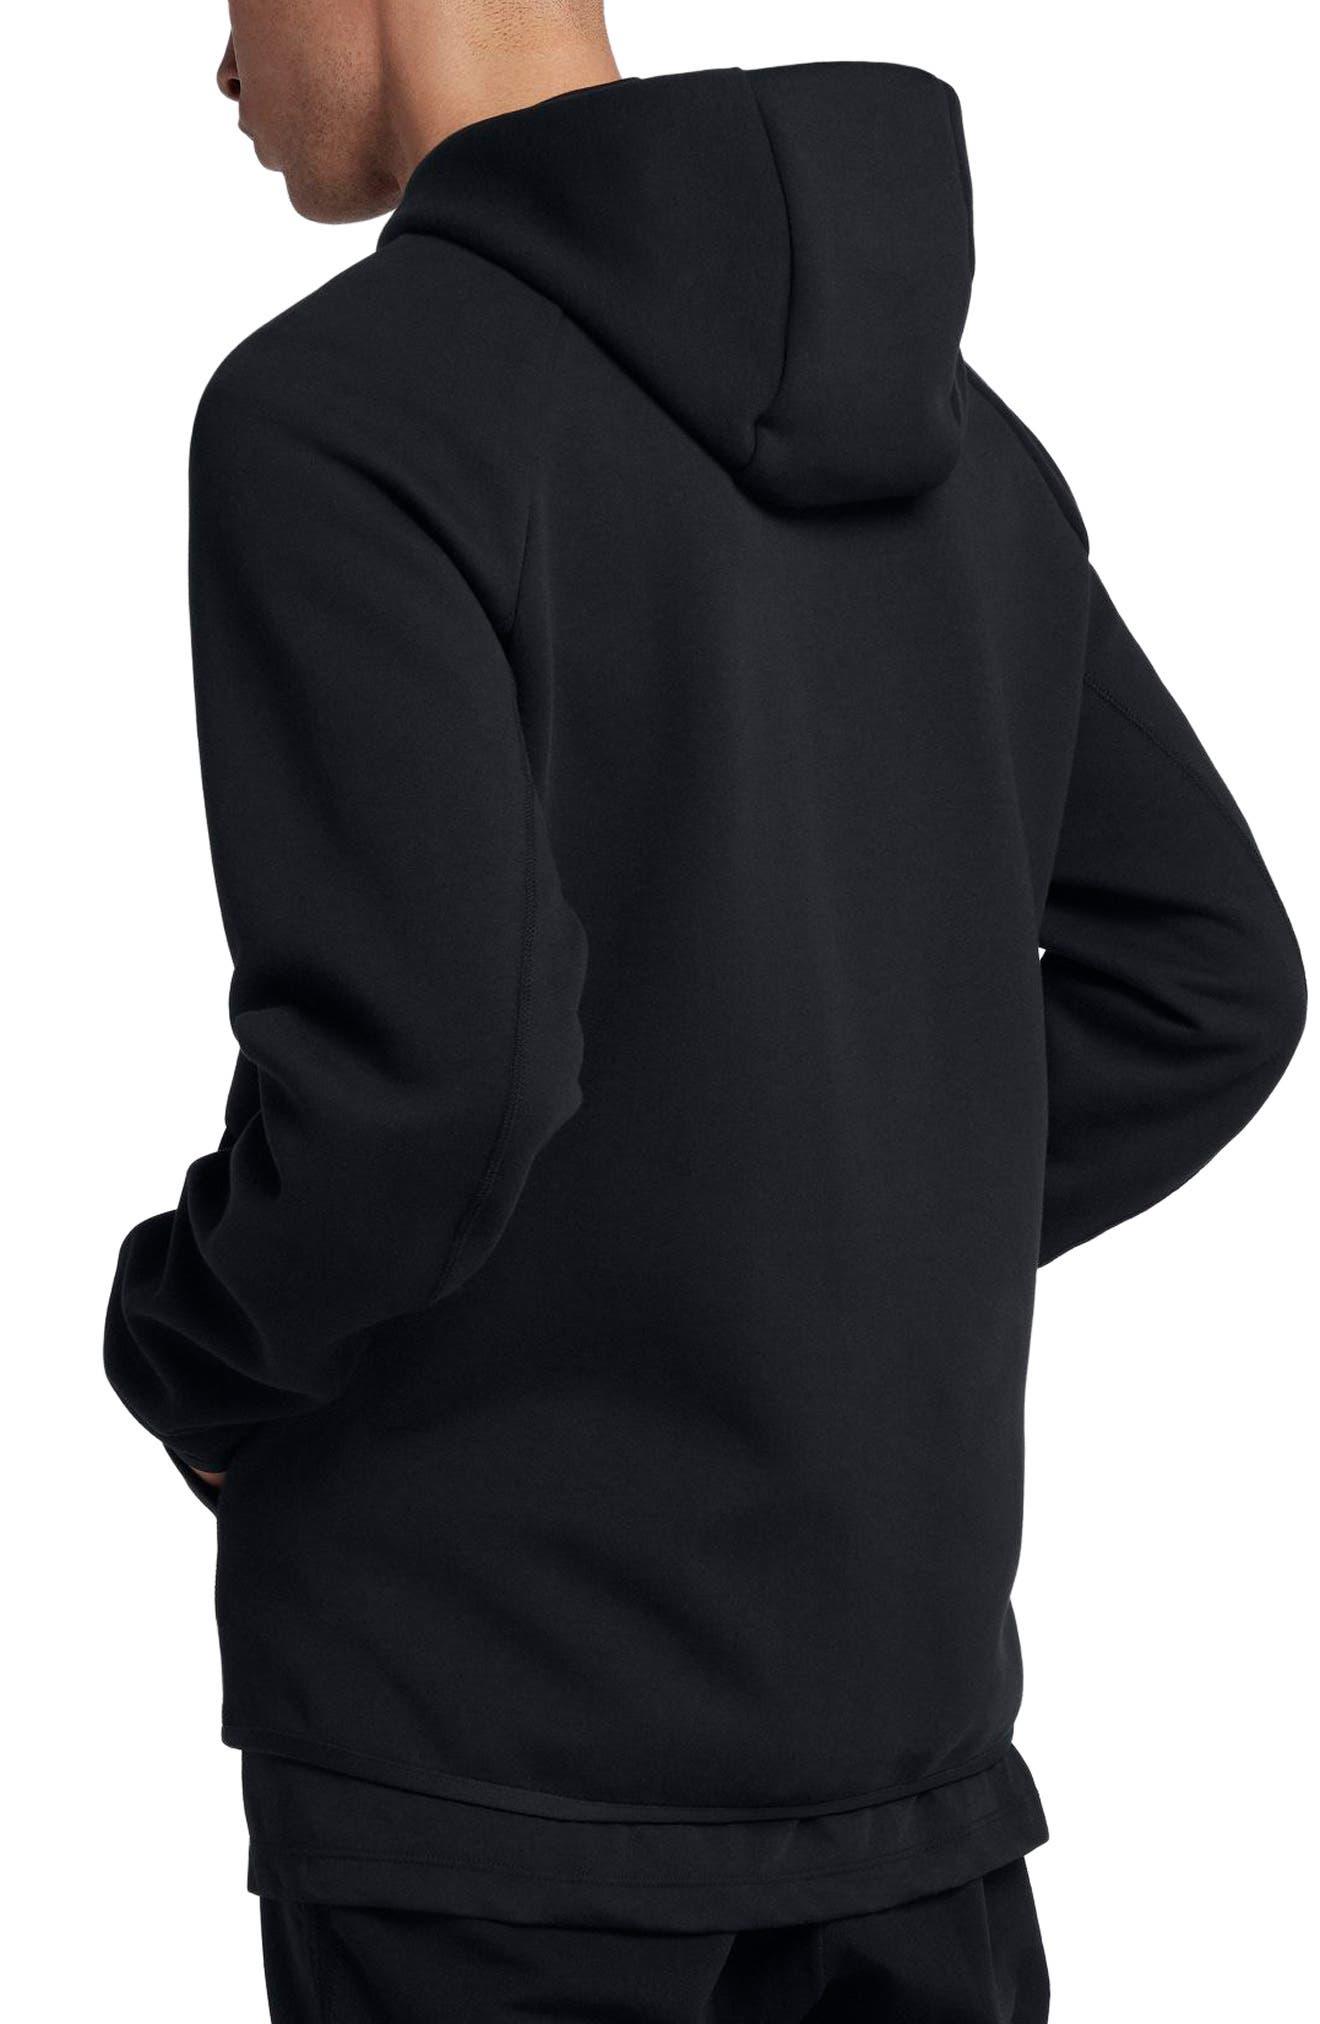 Sportswear Tech Fleece Zip Hoodie,                             Alternate thumbnail 2, color,                             BLACK/ BLACK